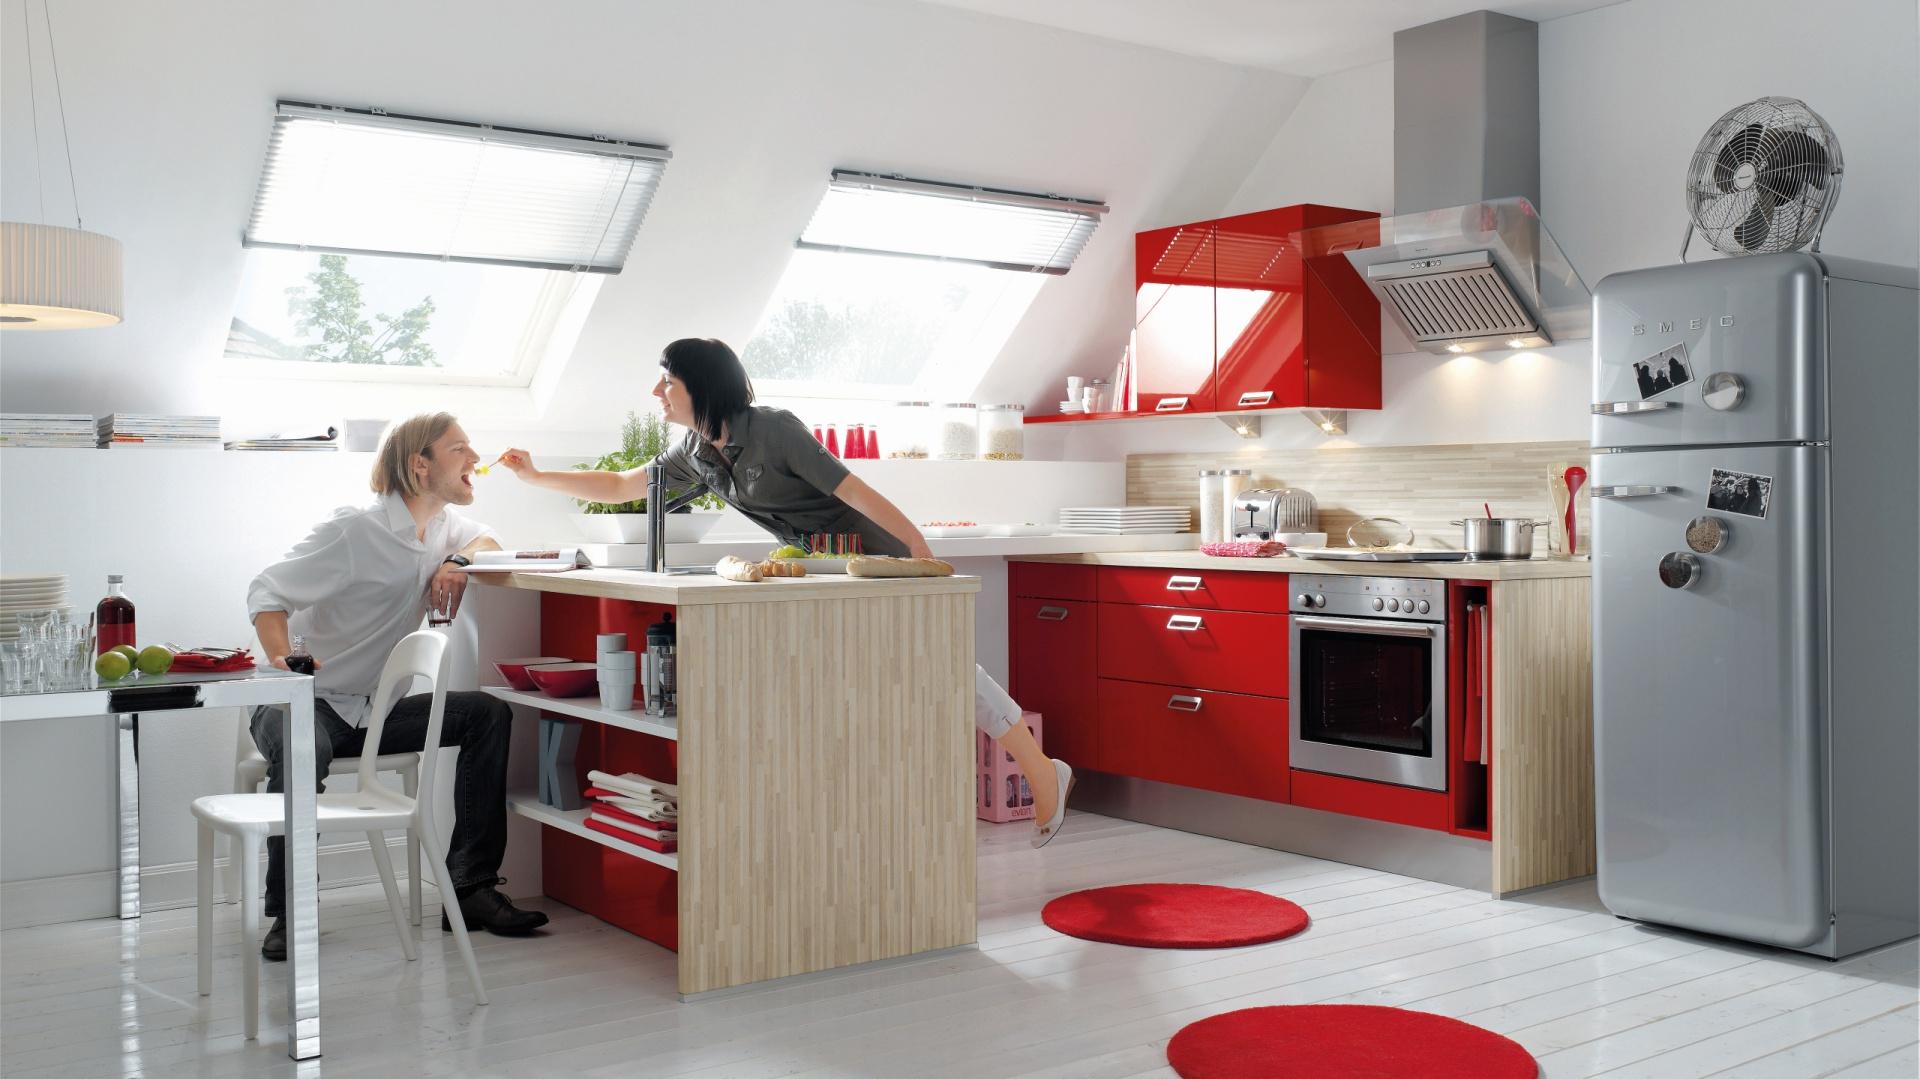 Kolor jasnego drewna połączono z elementami w mocnej, połyskującej czerwieni. W obrębie wyspy kuchennej i dolnej zabudowy drewno tonuje odważną barwę, w krótkim pasie górnych szafek - czerwień i połysk całkowicie dominują. Fot. Nobilia, kuchnia Veneto.